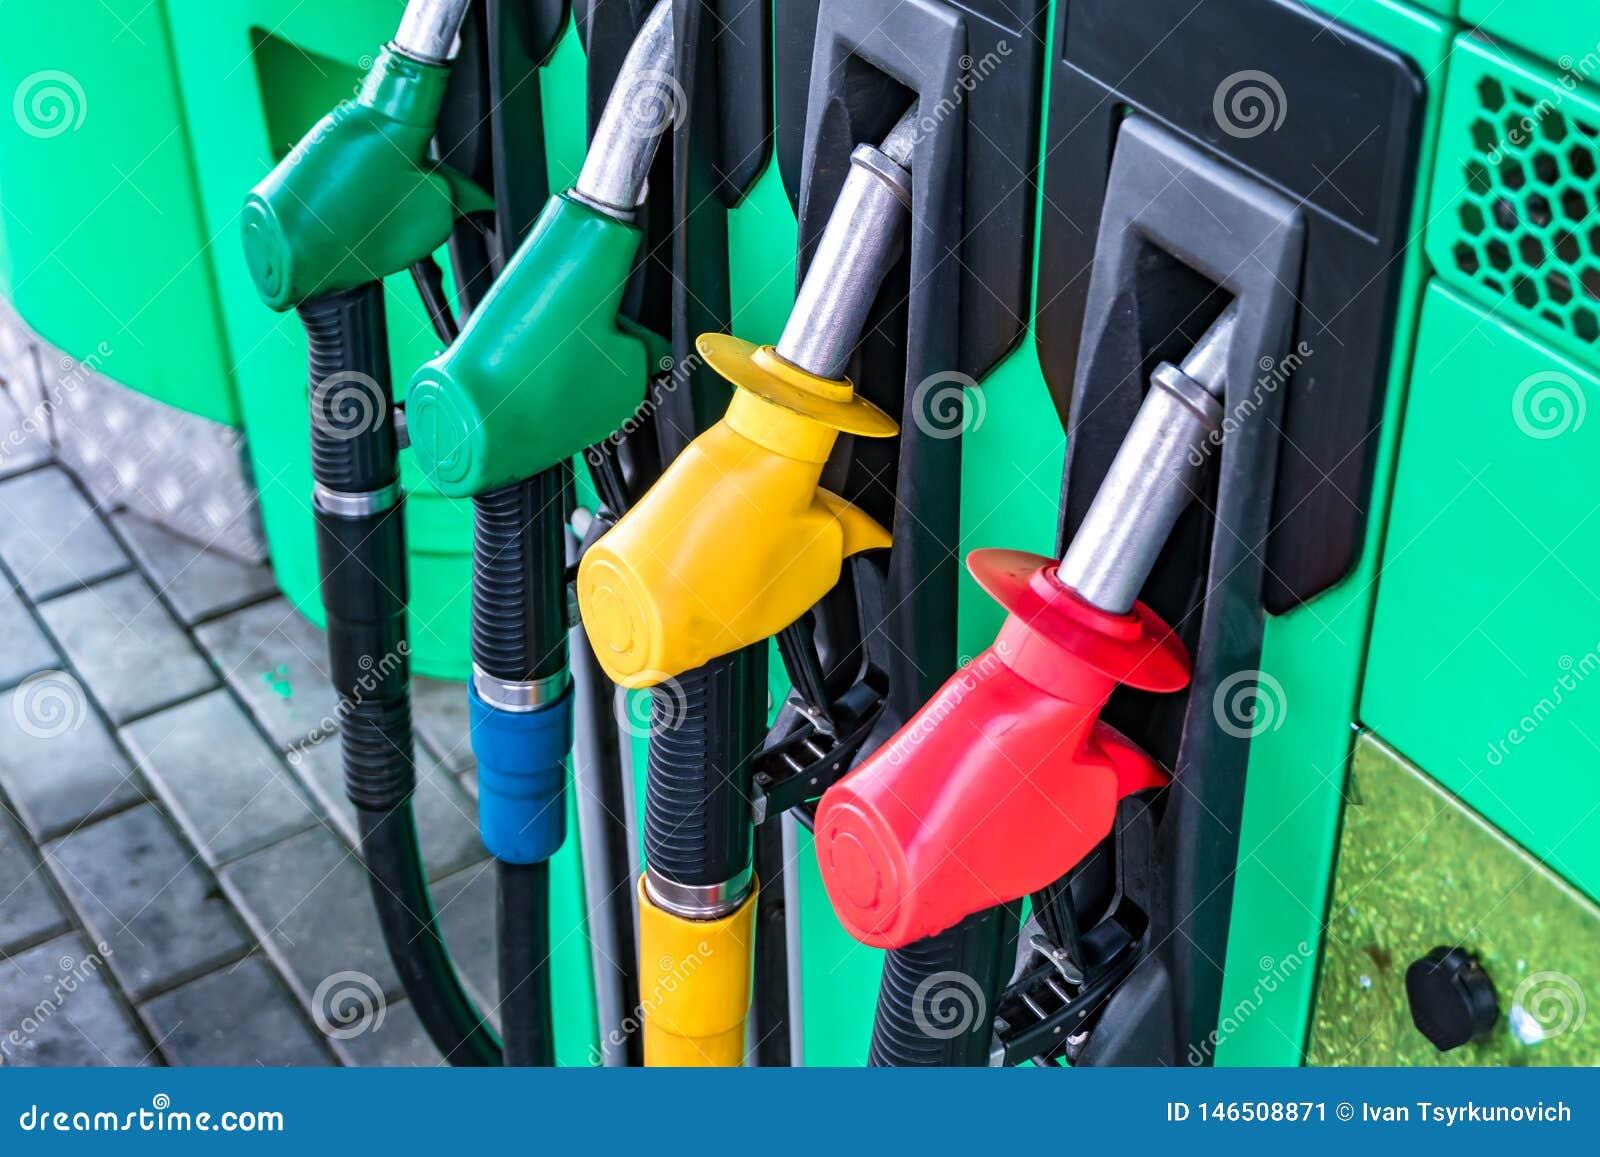 Газ и бензозаправочная колонка Оружи для дозаправлять на бензоколонке Деталь других цветов бензонасоса в бензоколонке Близко ввер